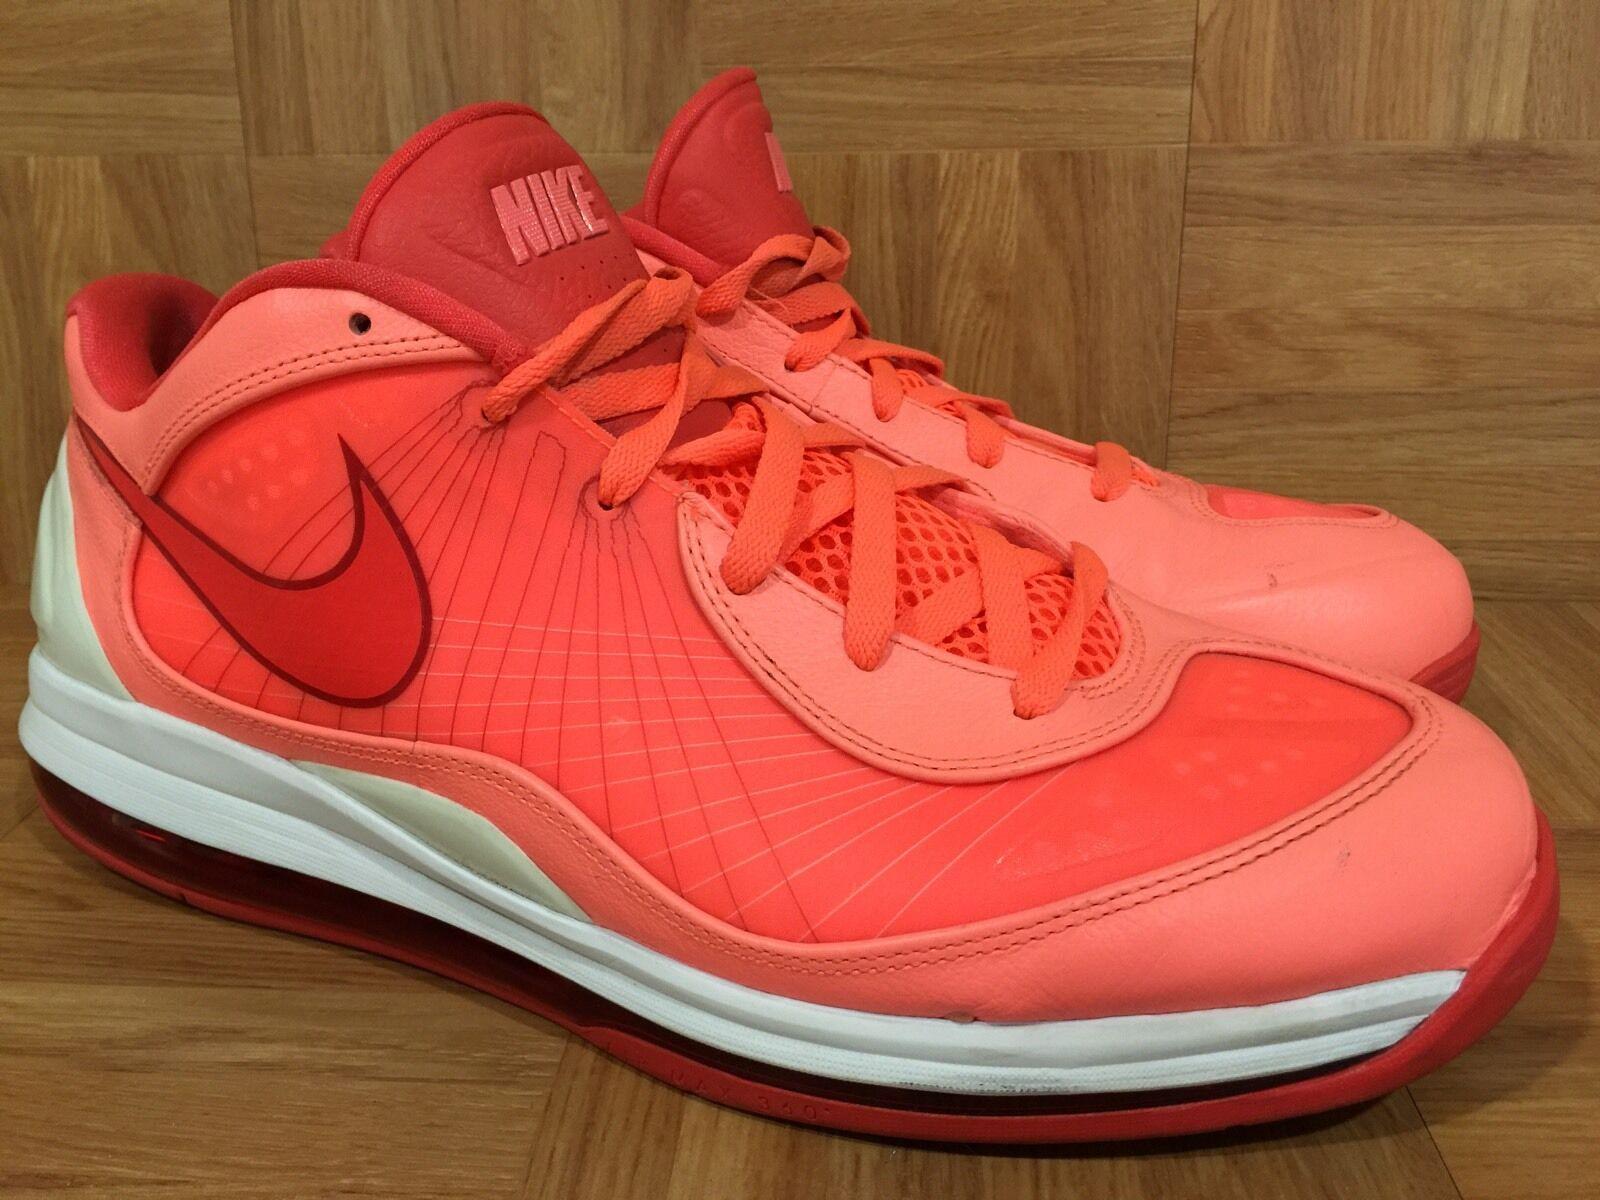 RARE Nike Air Max 360 BB BBALL 1 Mango Infrared White 441947-800 Sz 14 SICK